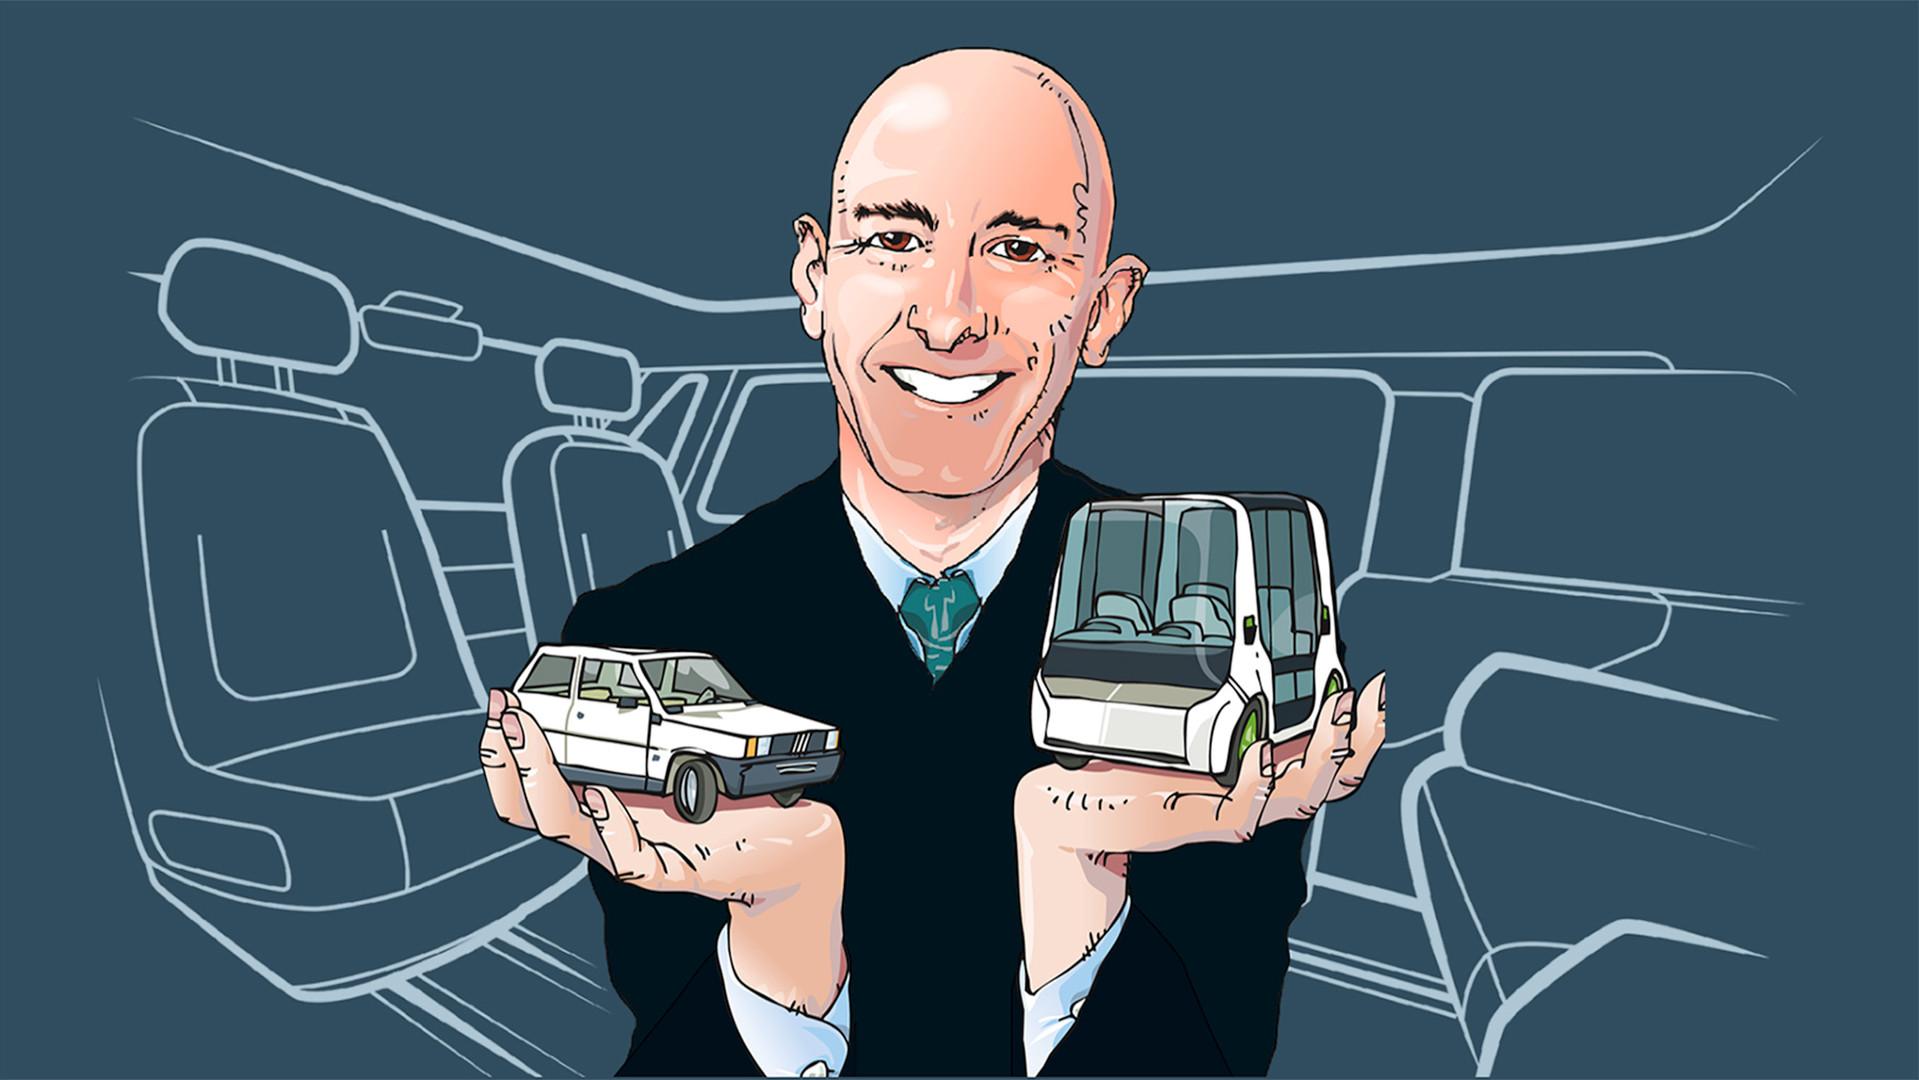 professor paolo tumminelli discussing tomorrow's automobiles